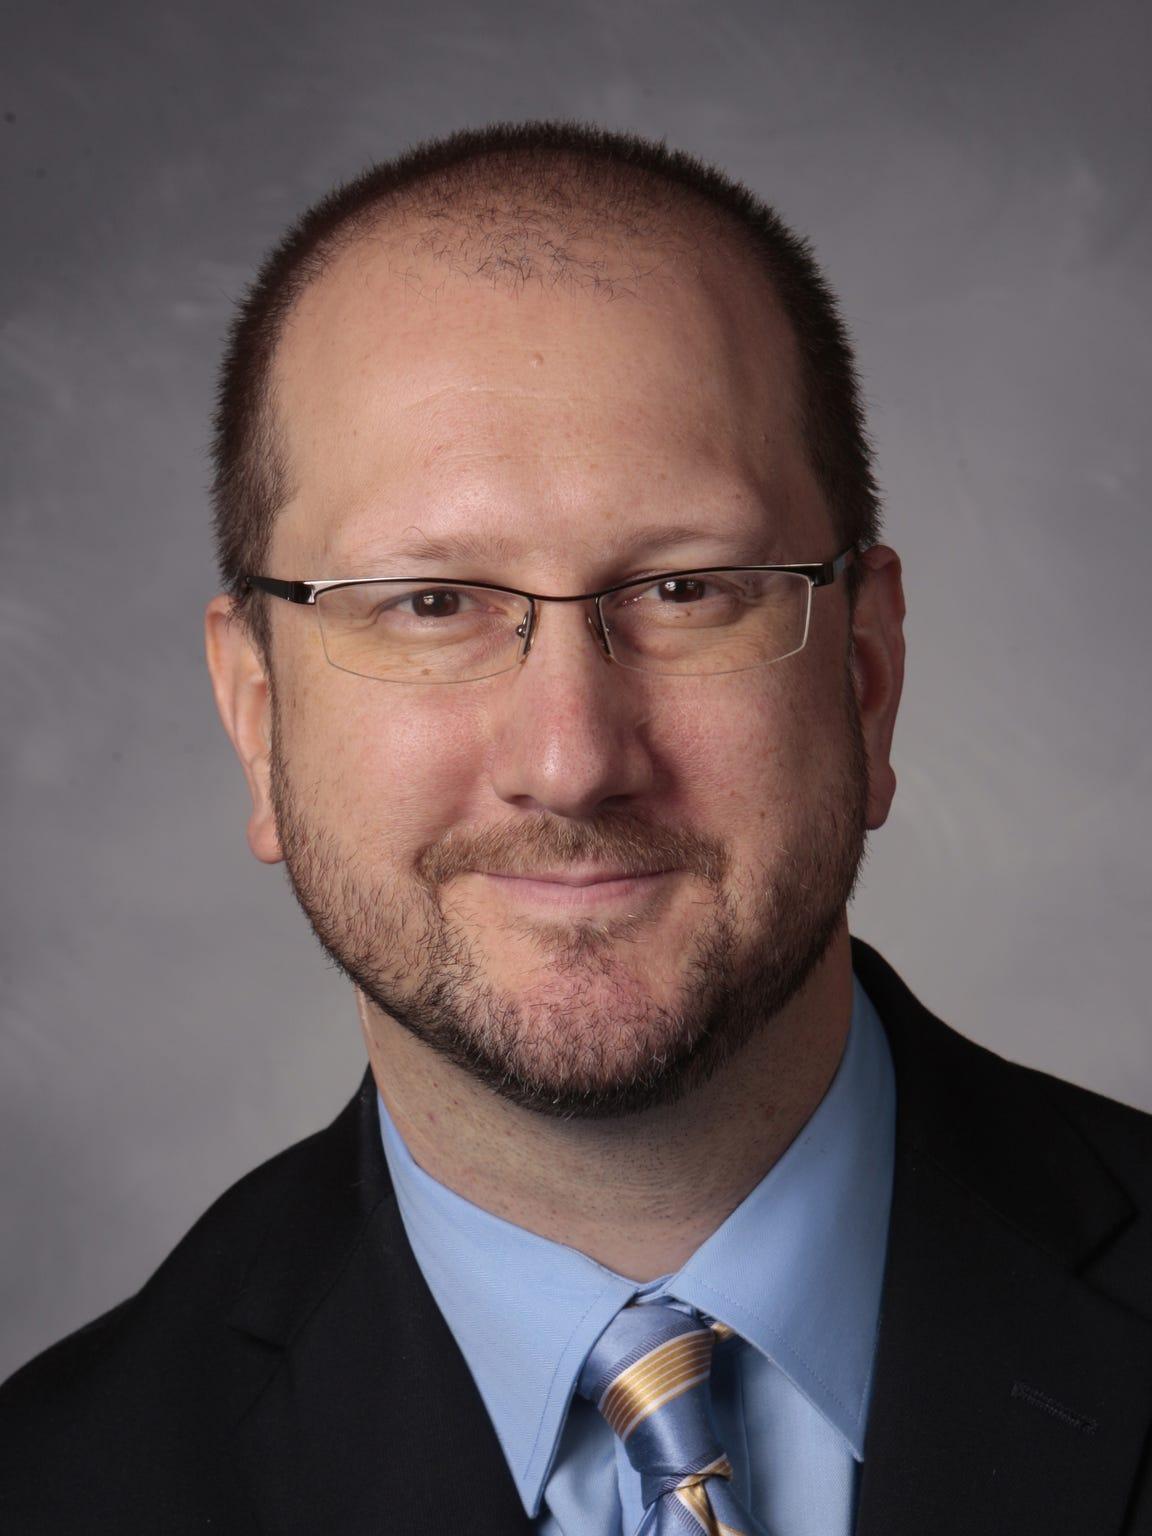 Dr. Greg Sherr